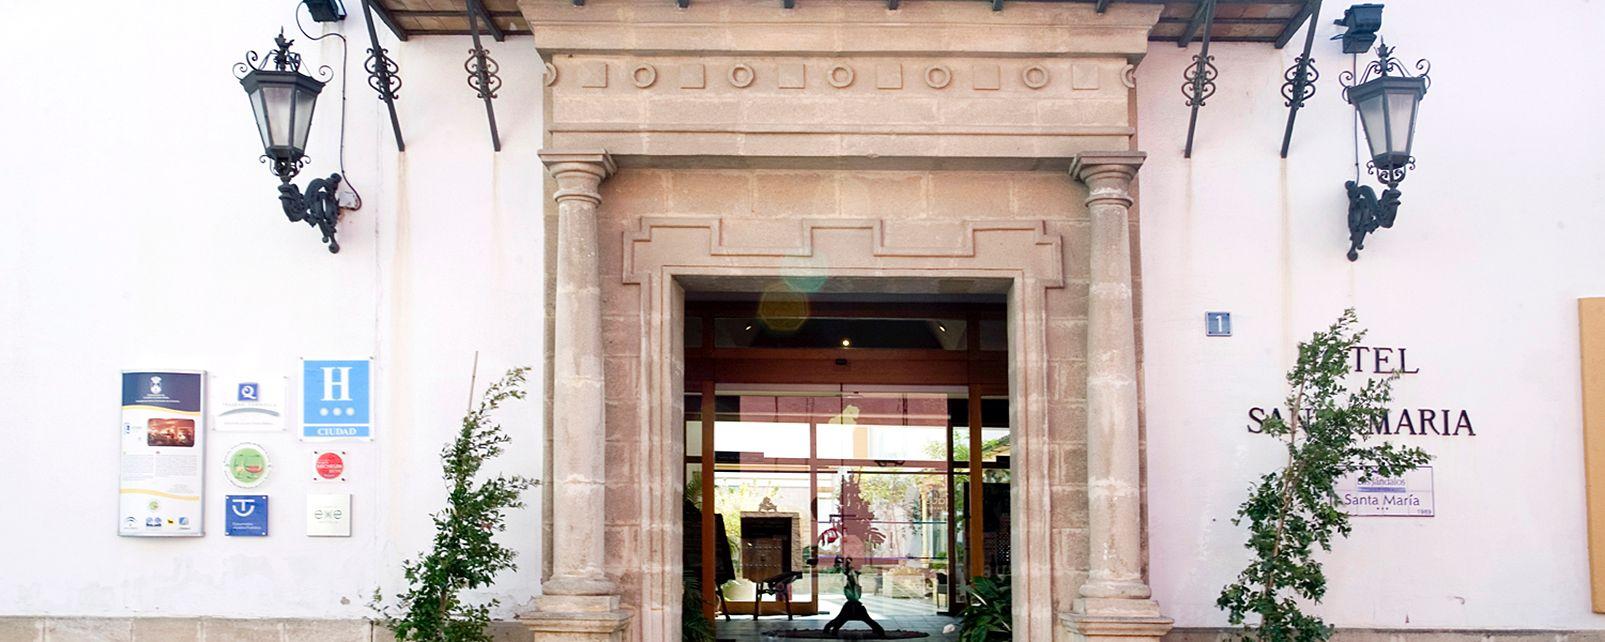 Hôtel Los Jándalos Santa María